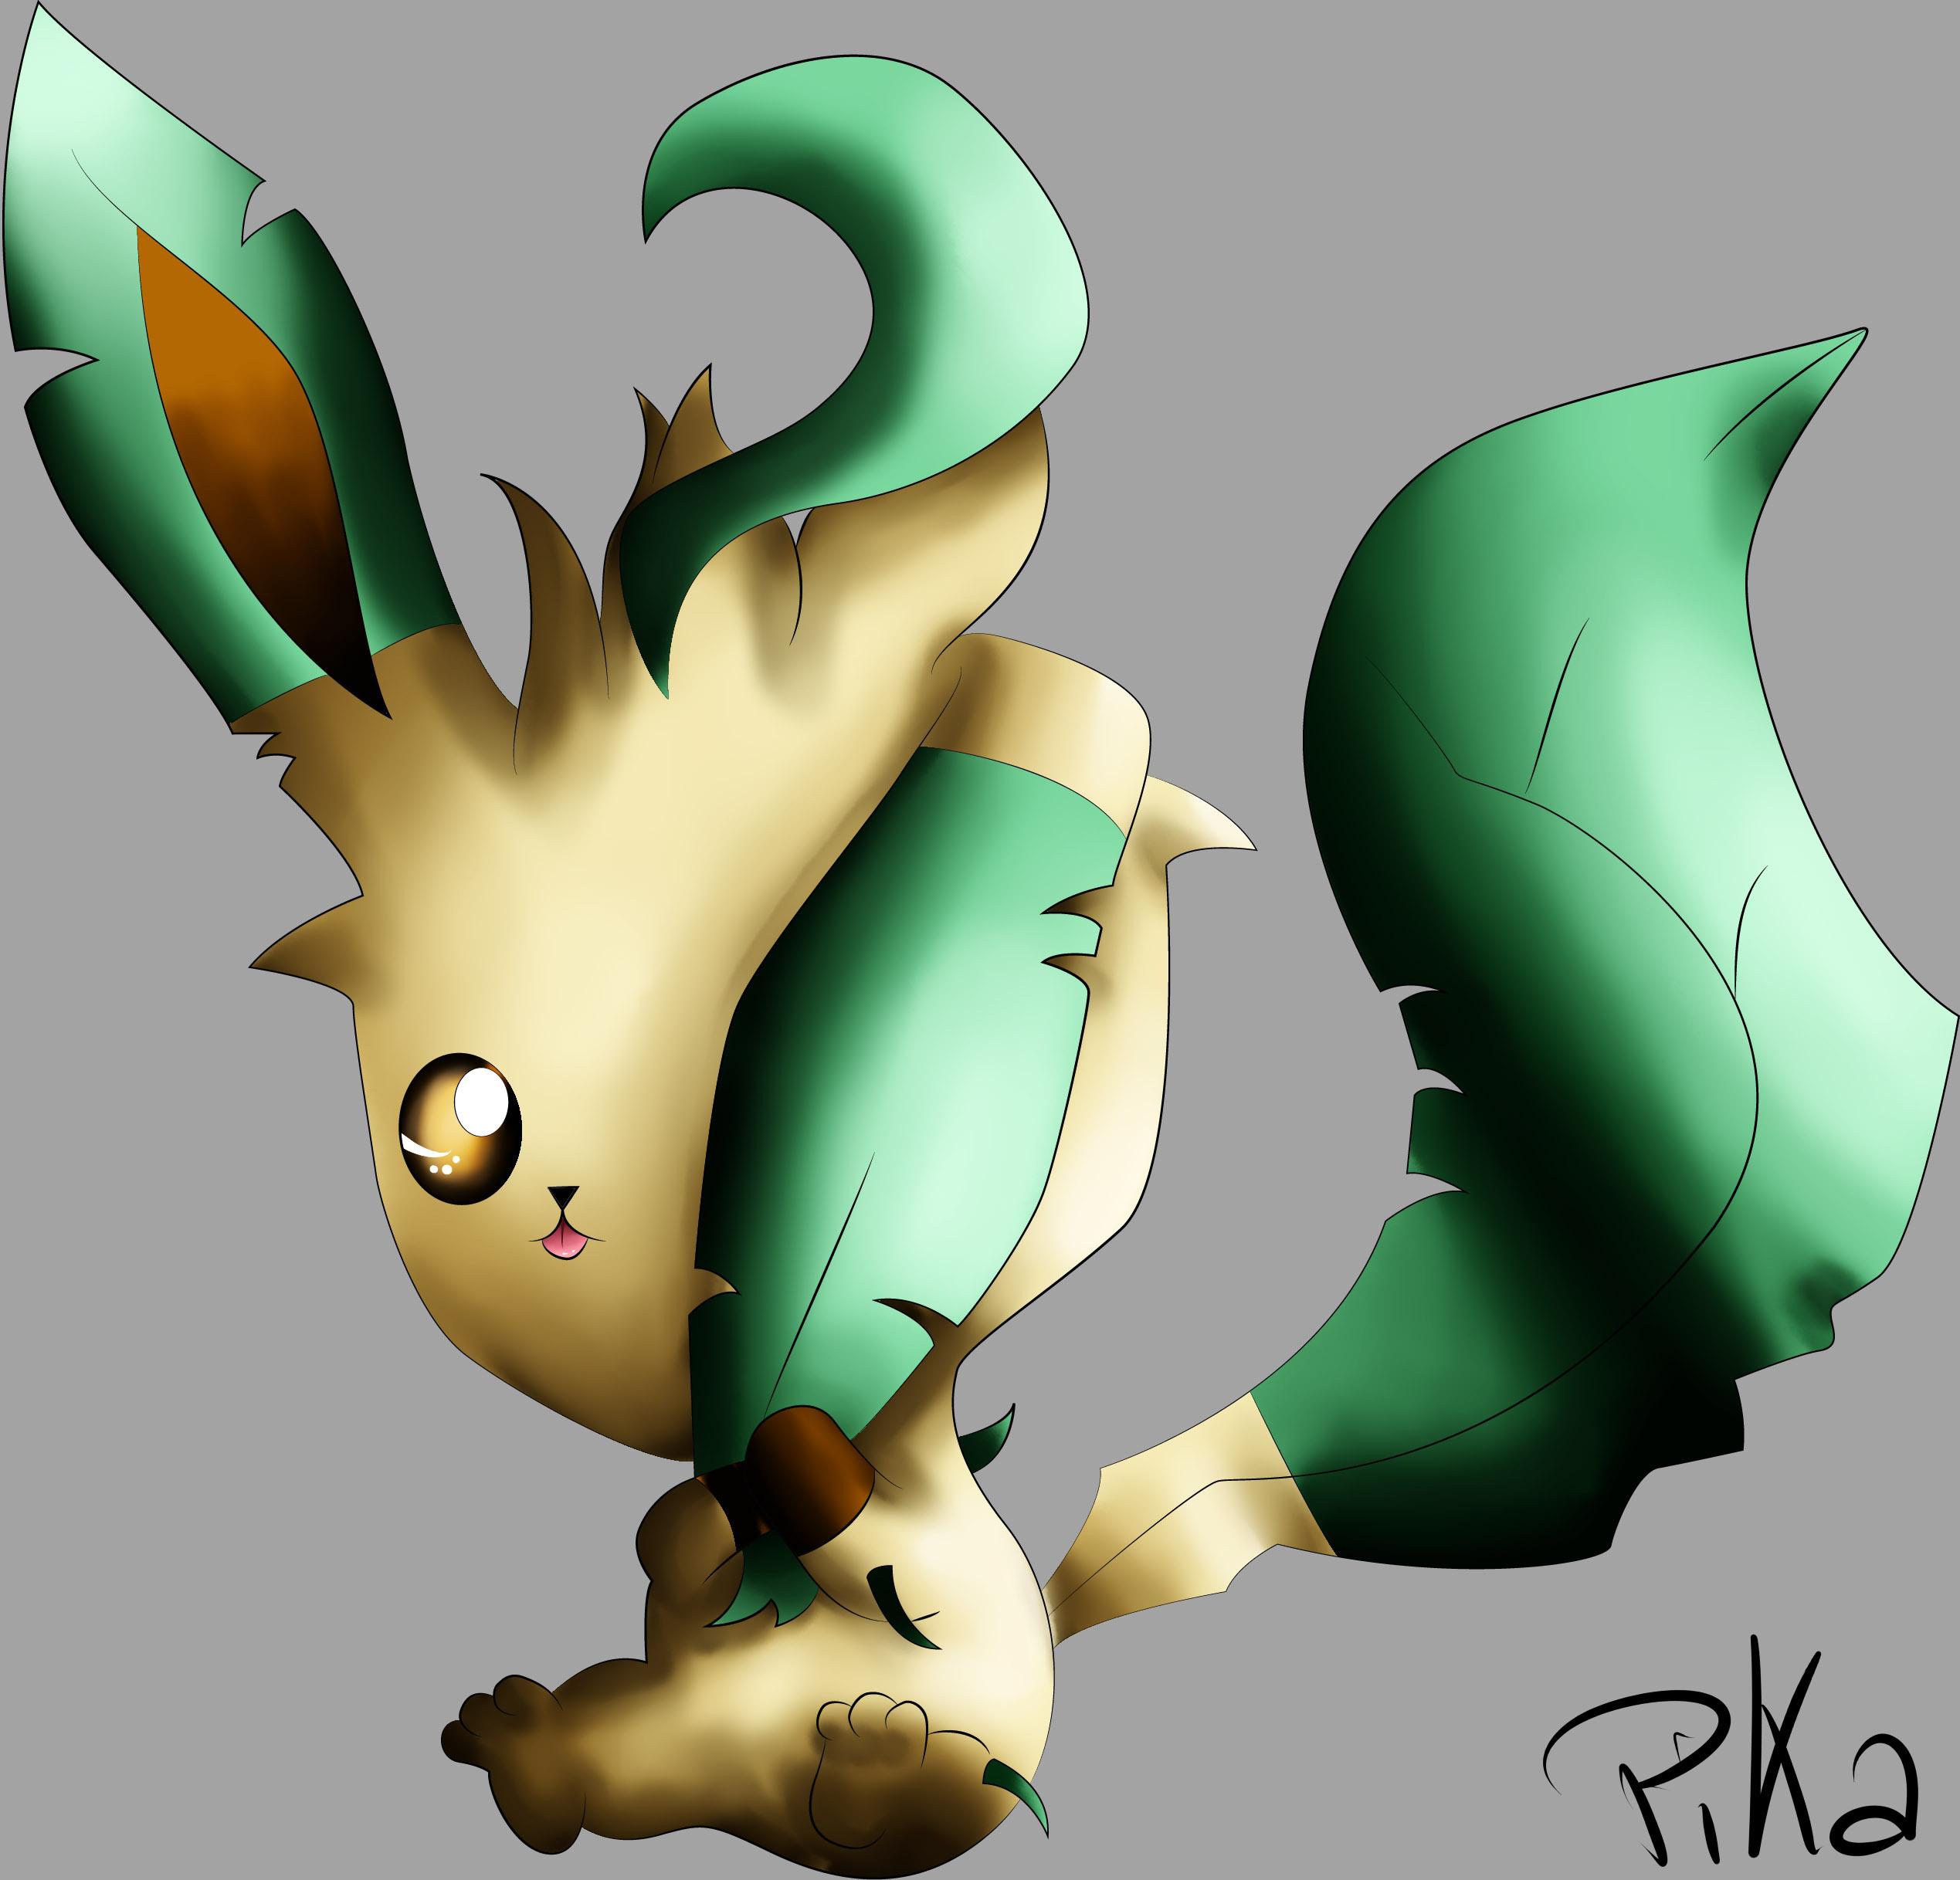 Dessin Phyllali de Pikachette59